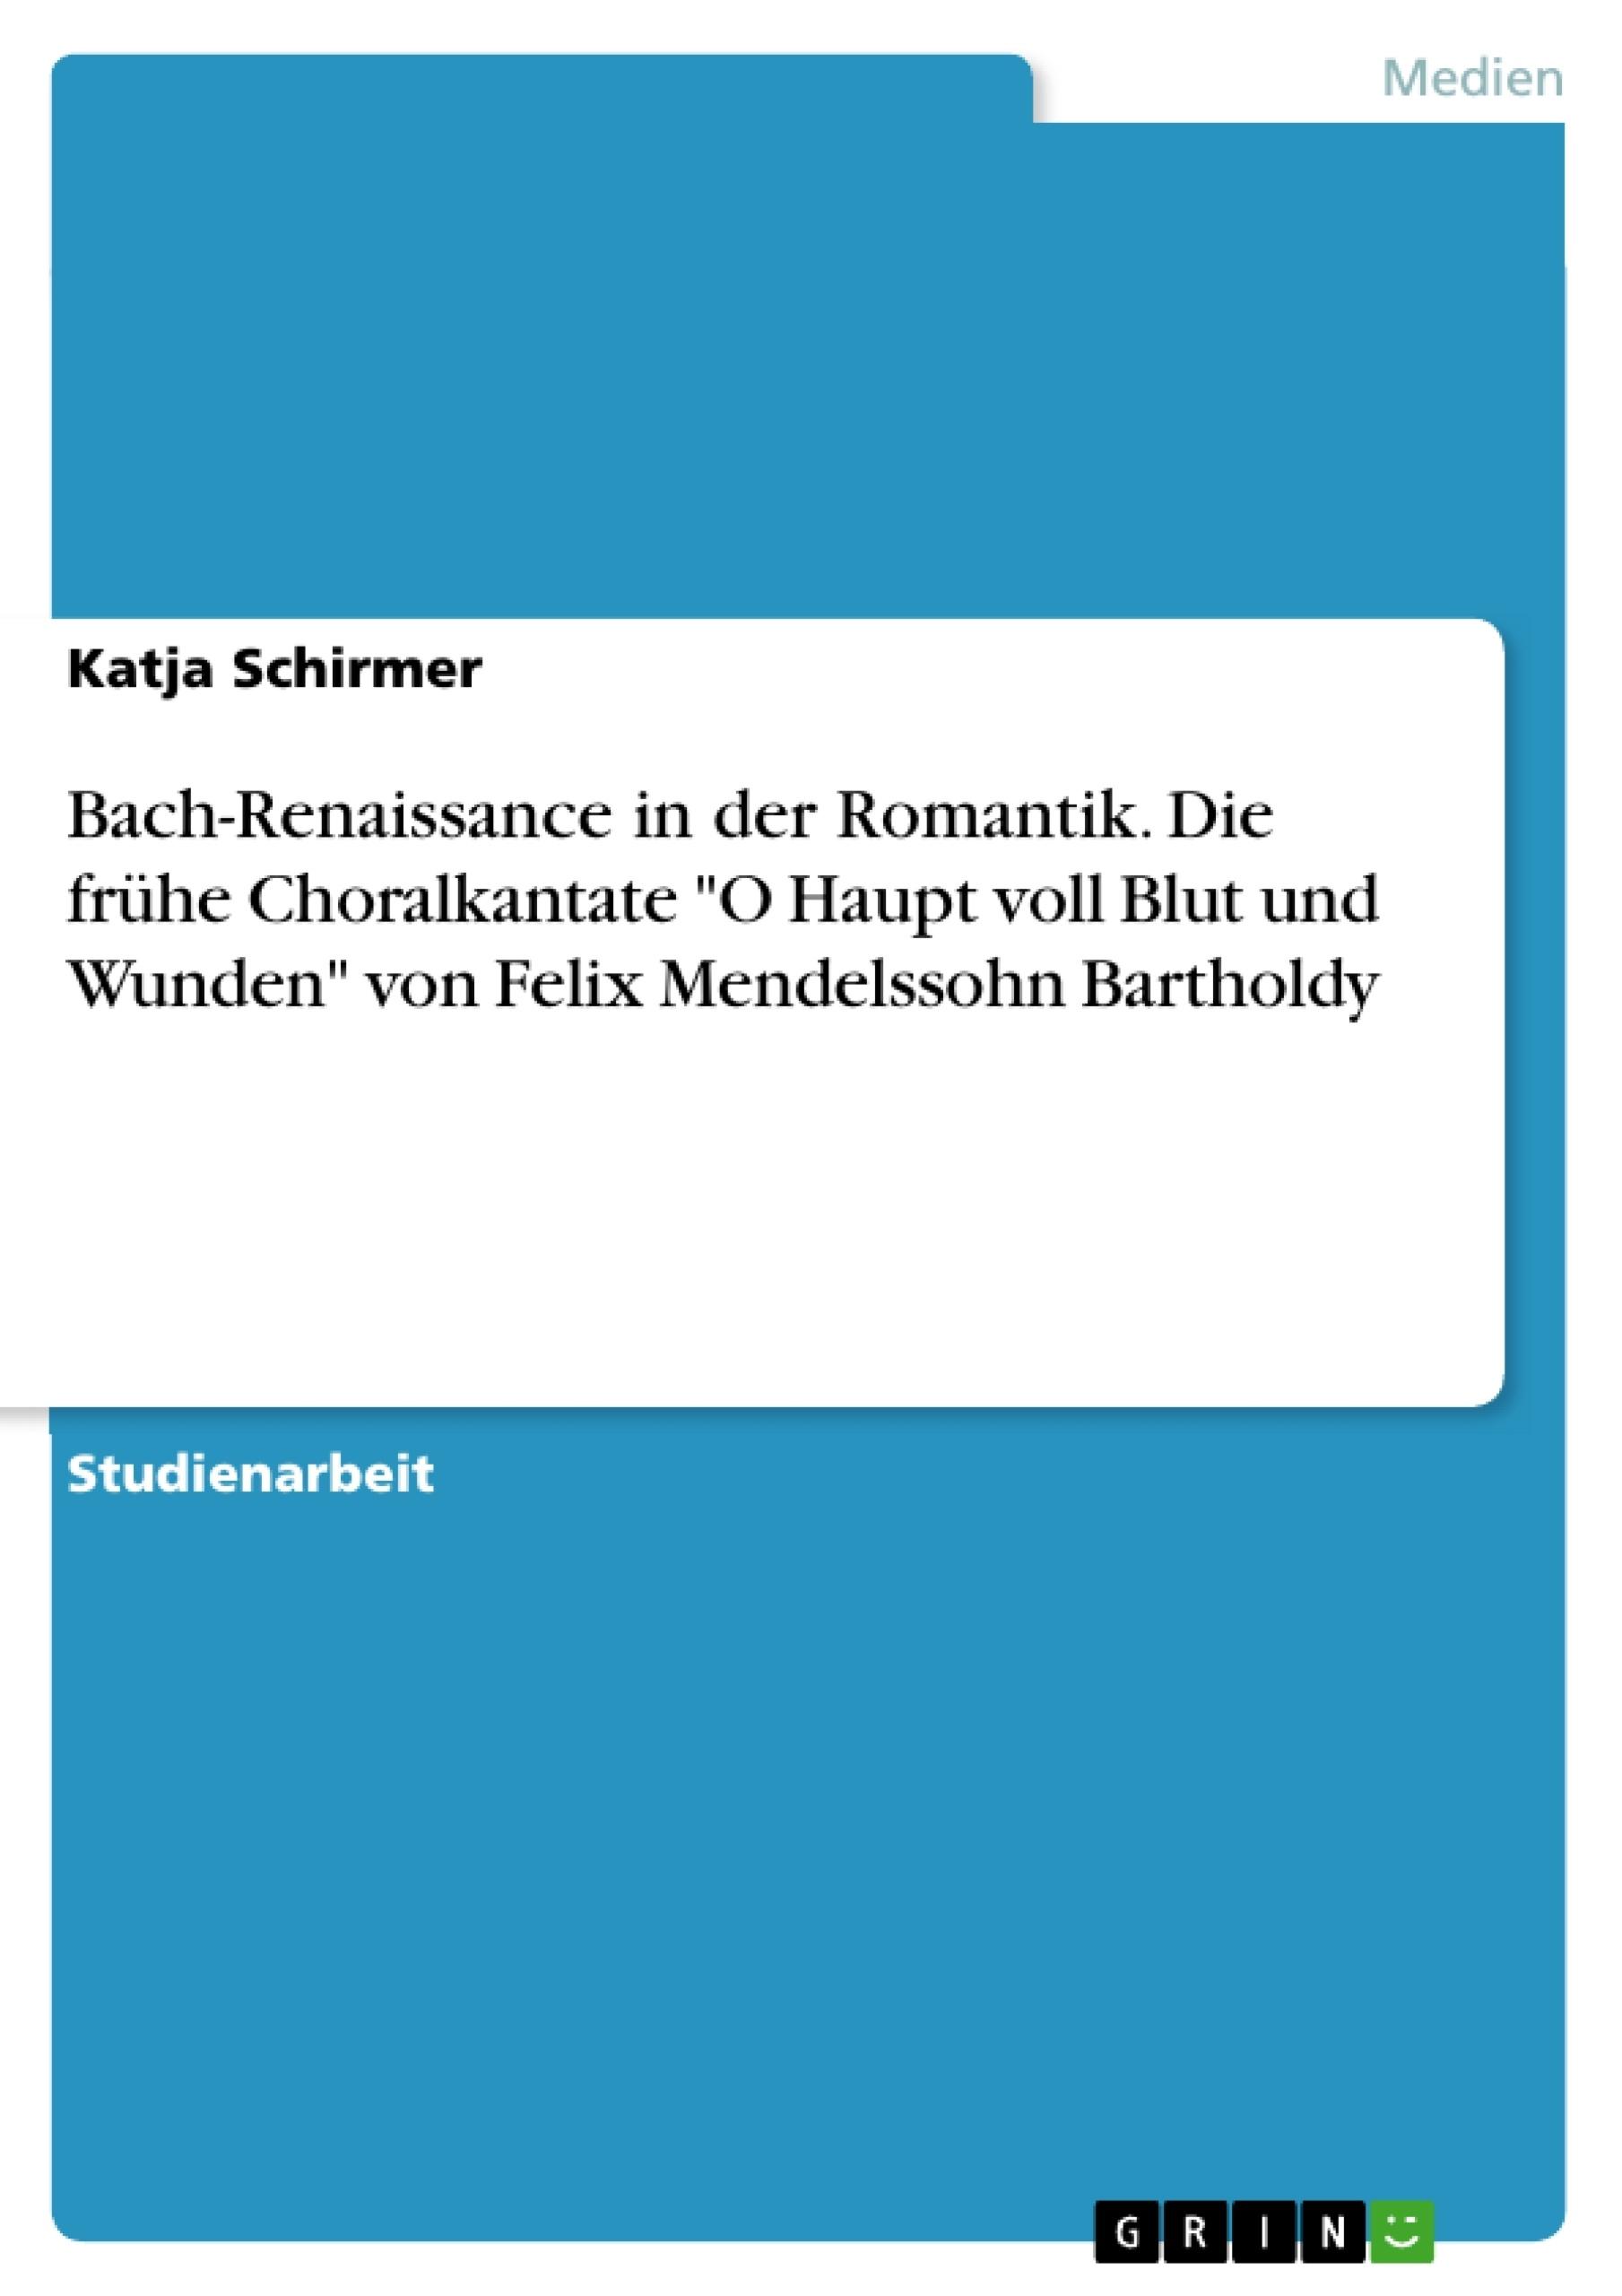 """Titel: Bach-Renaissance in der Romantik. Die frühe Choralkantate """"O Haupt voll Blut und Wunden"""" von Felix Mendelssohn Bartholdy"""